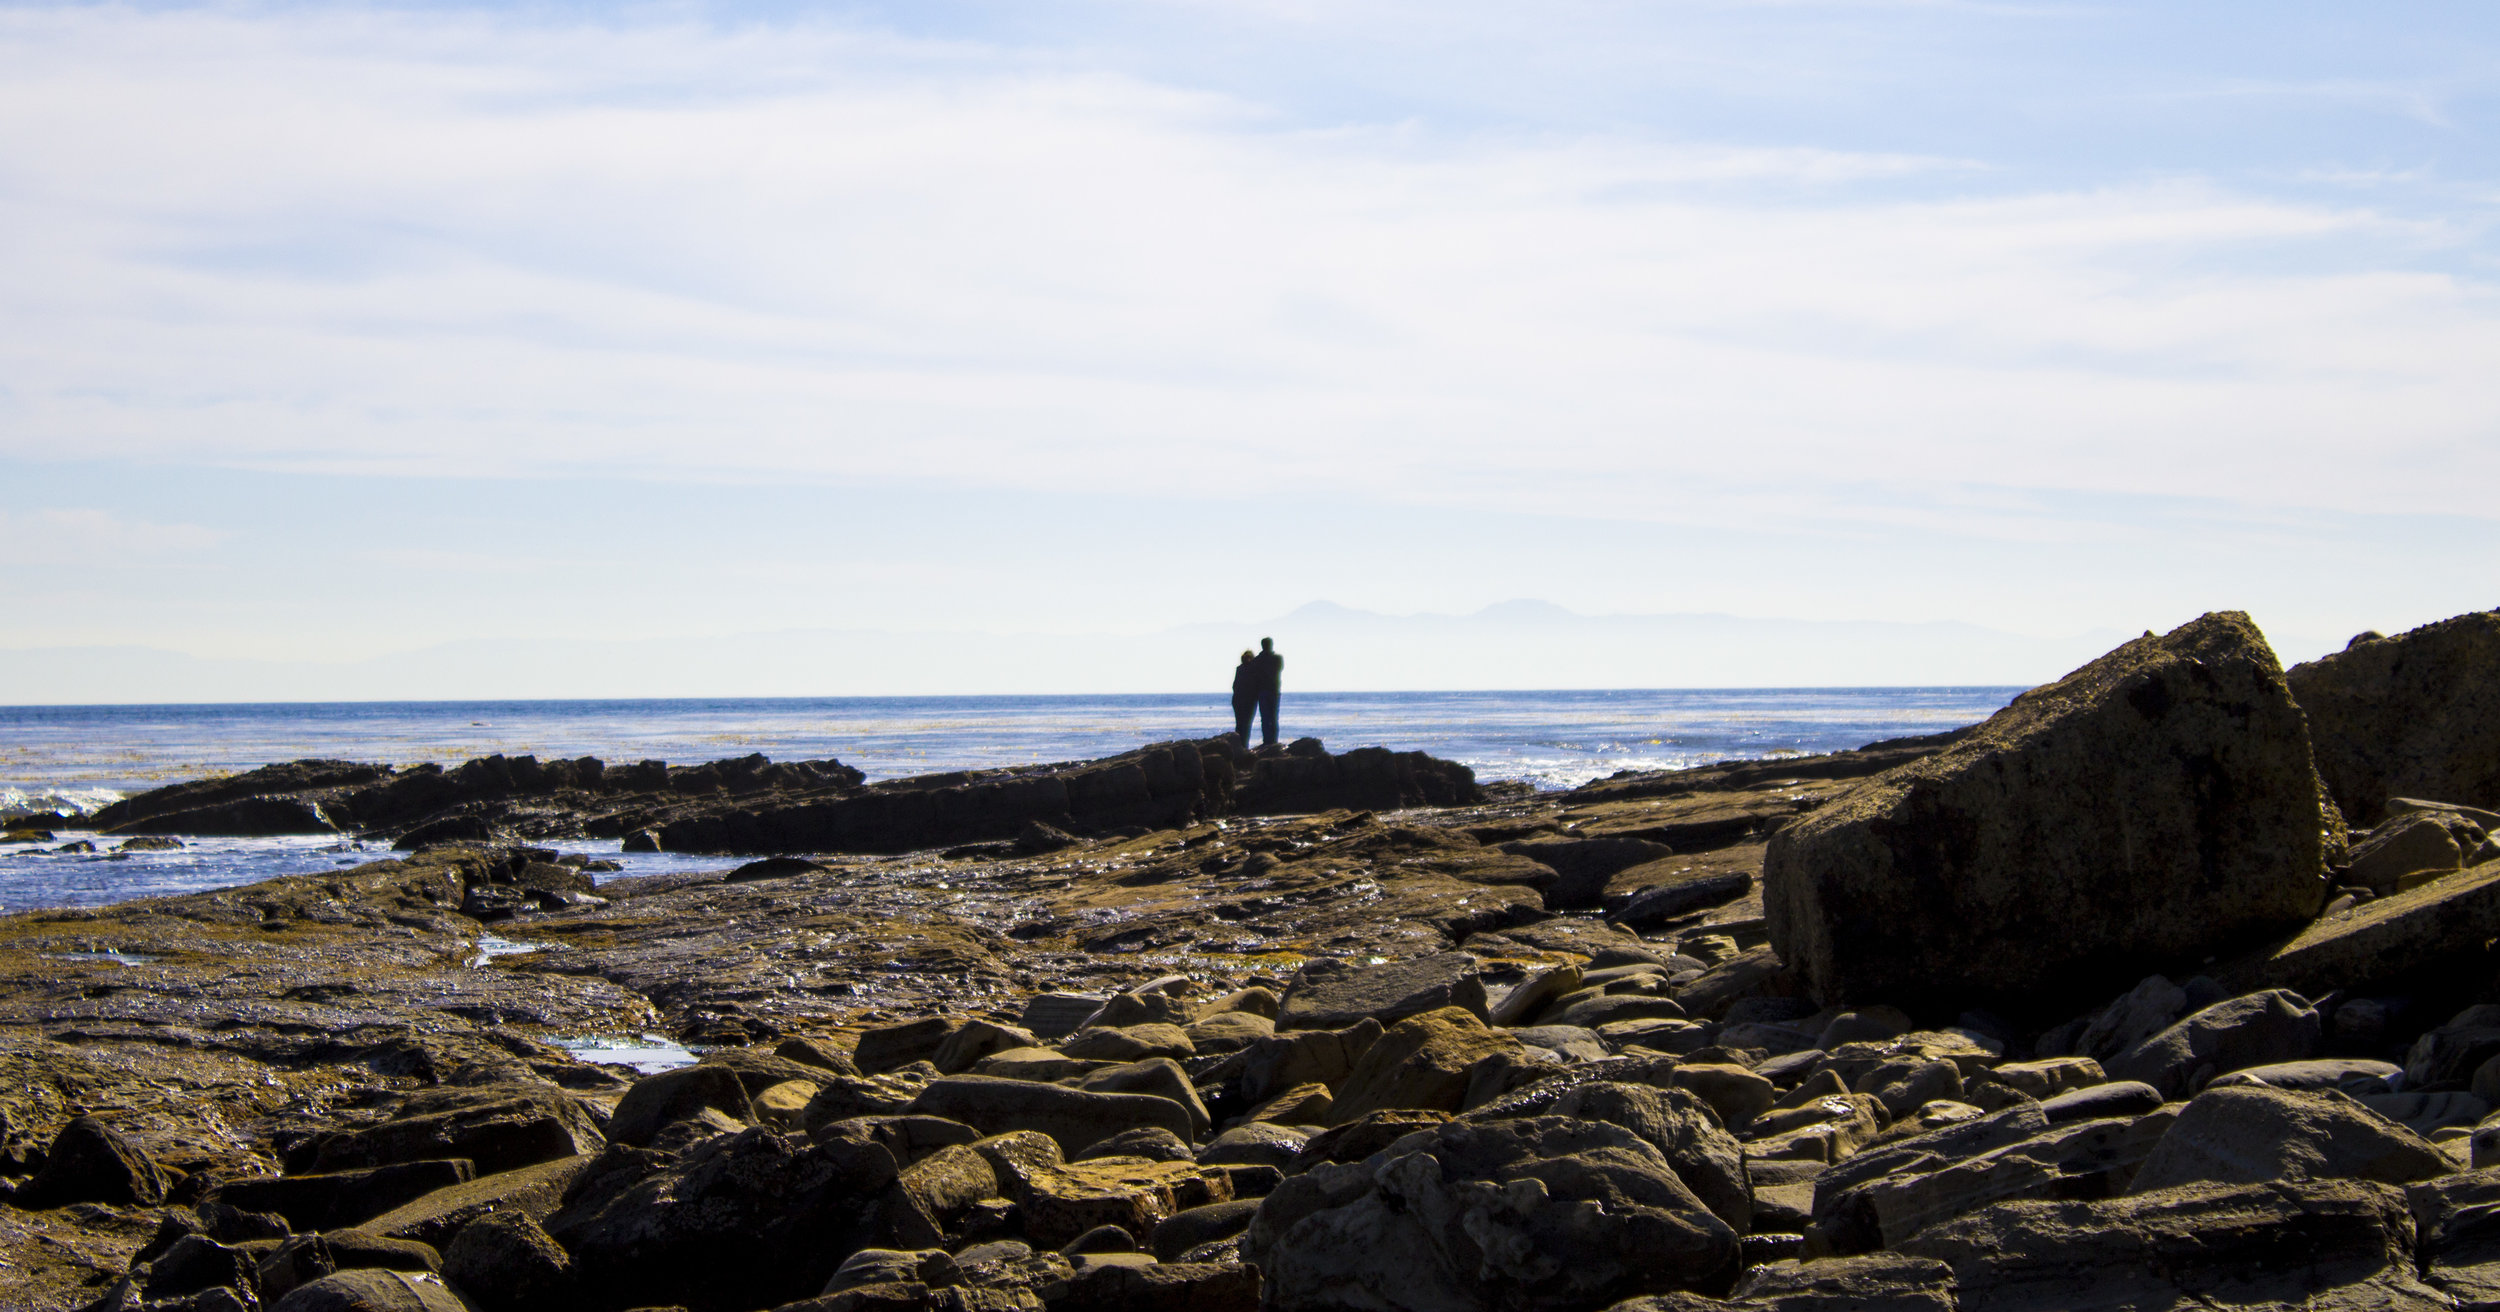 BeachPic1.SanPedro.GresterApril18 (1).jpg